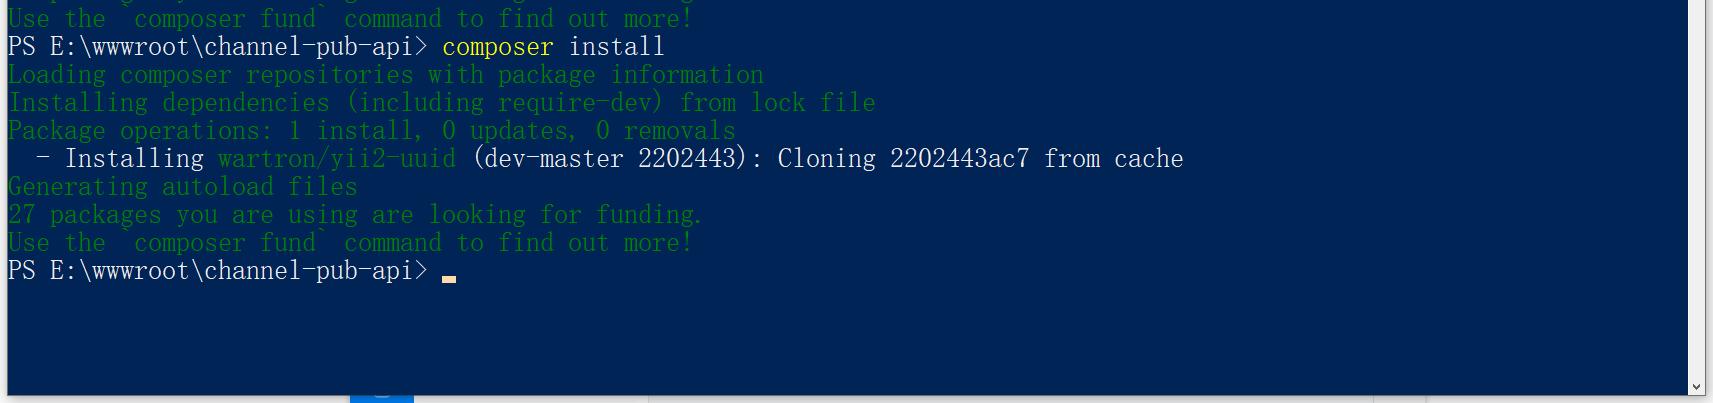 执行命令:composer install。全新安装:wartron/yii2-uuid。